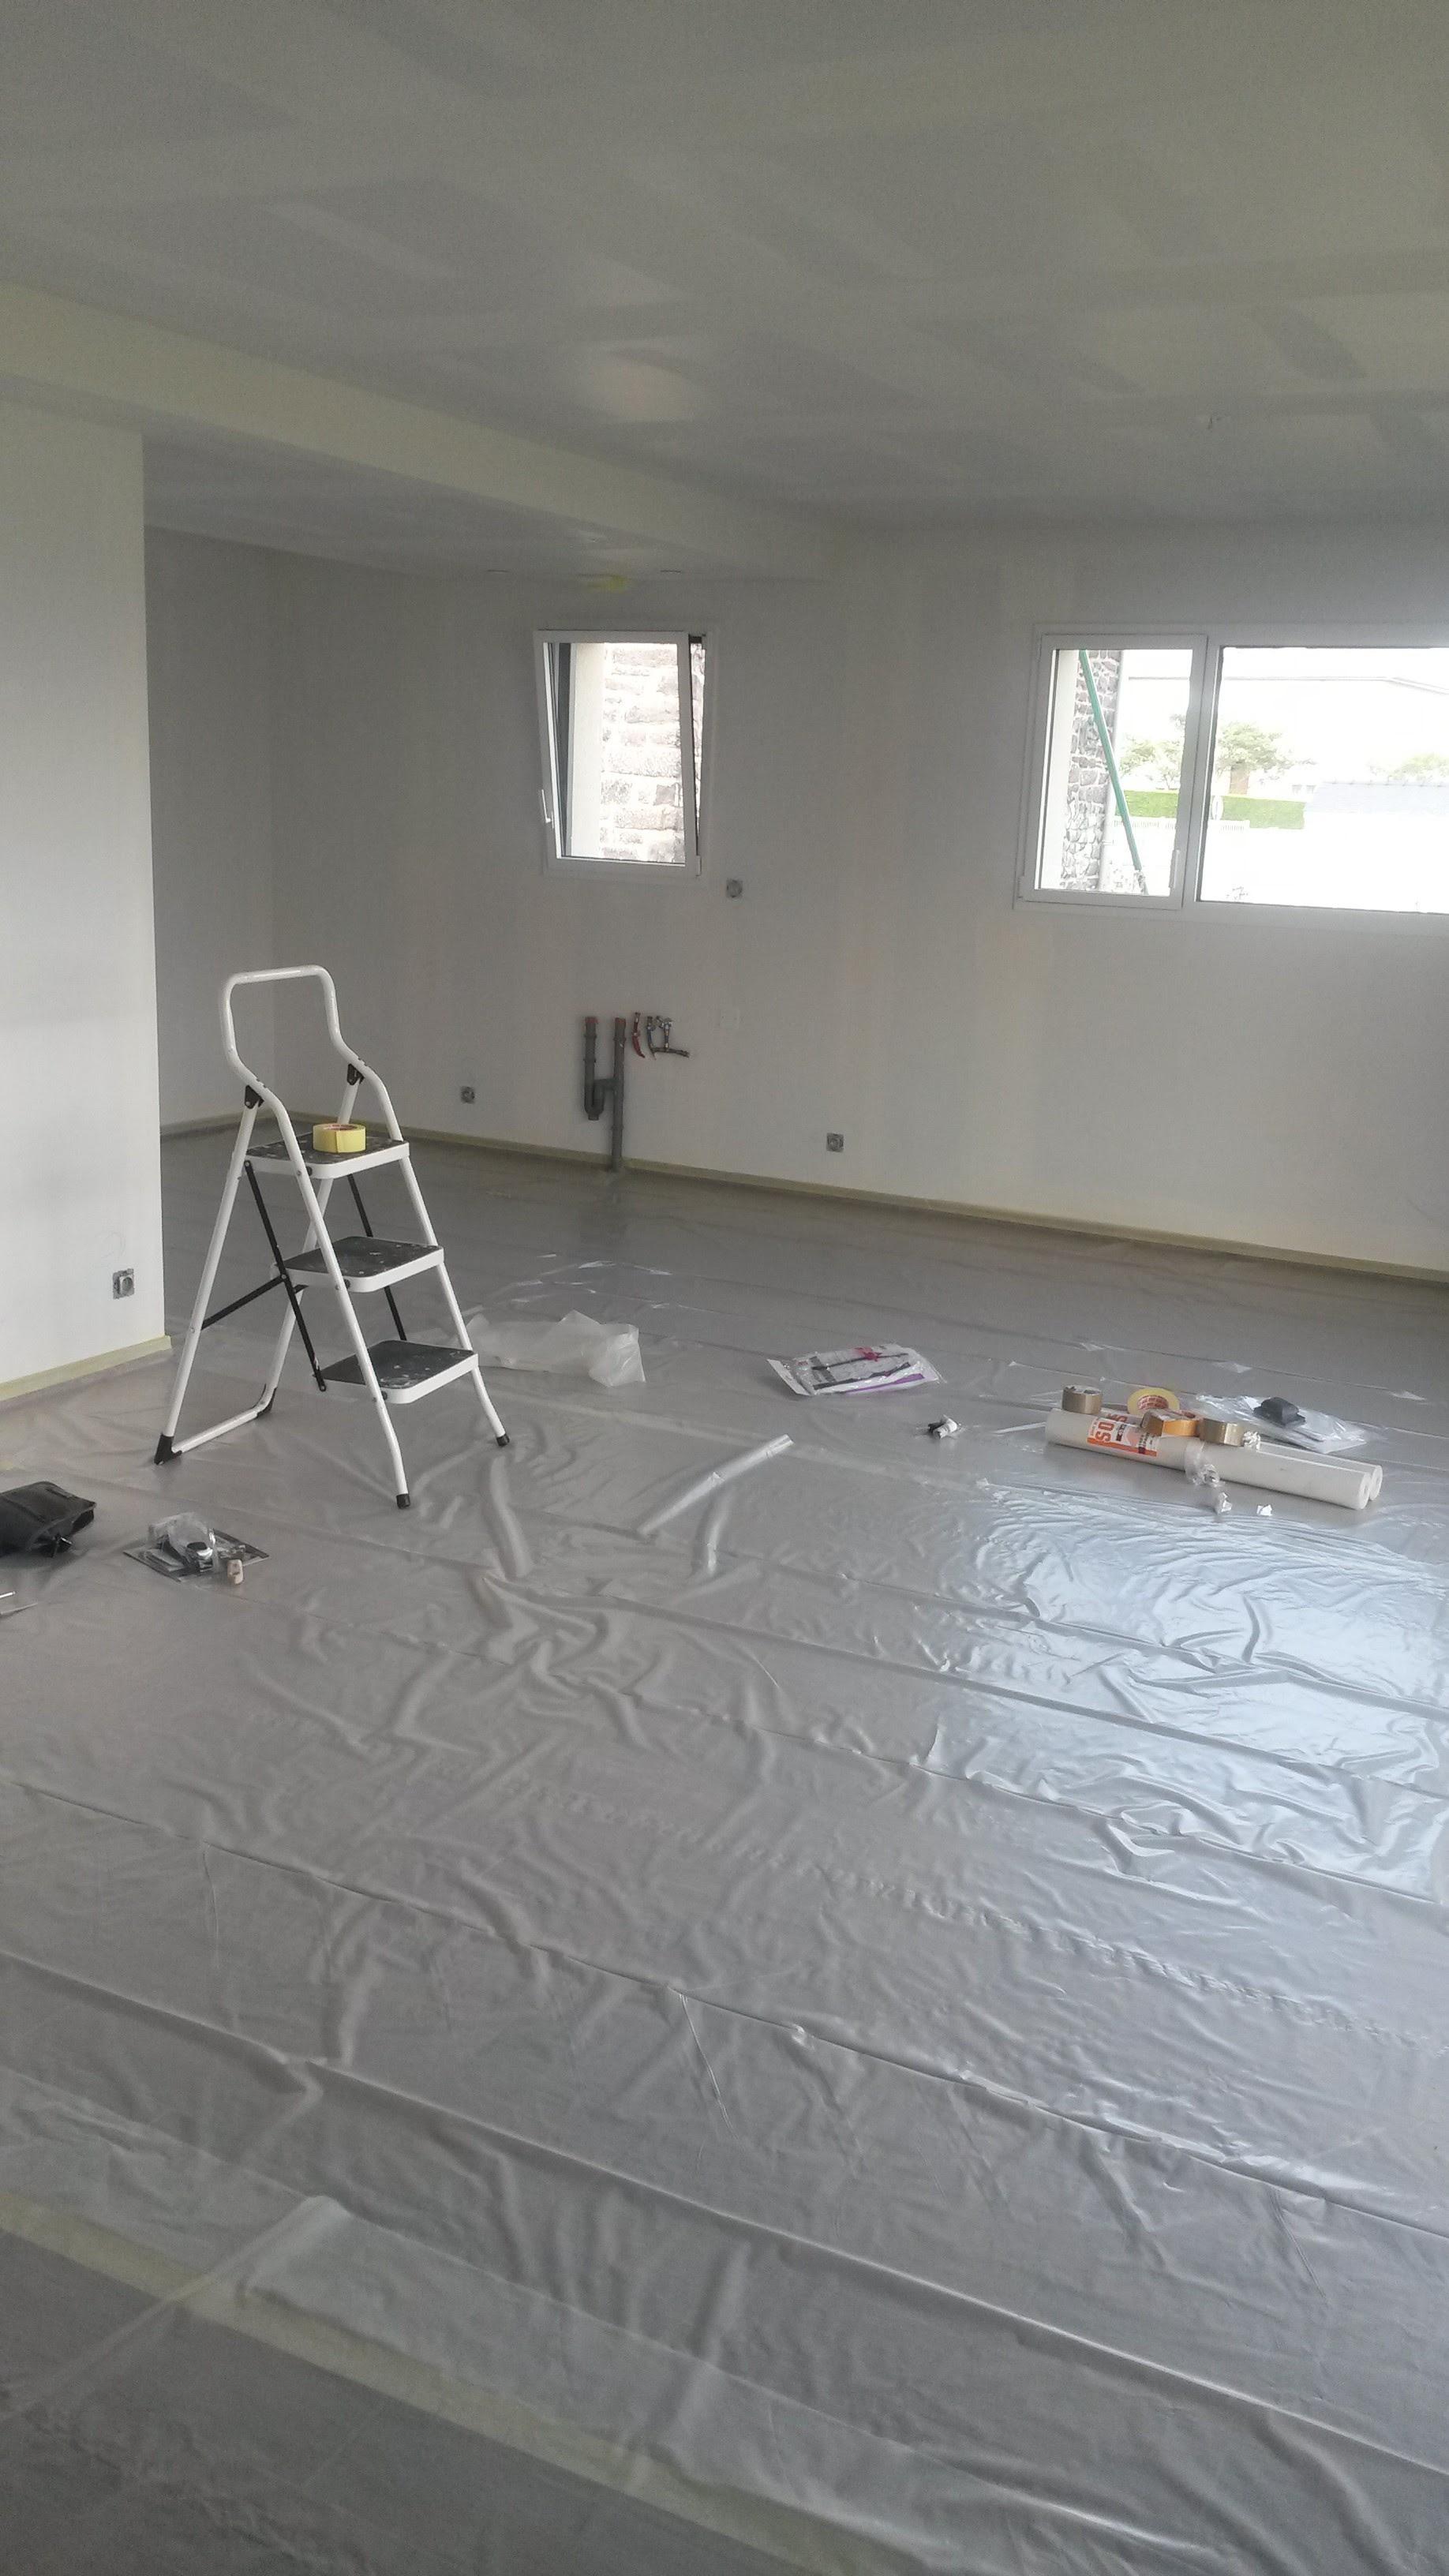 Avis Sur Peinture Au Pistolet Airless Construction De Notre Maison